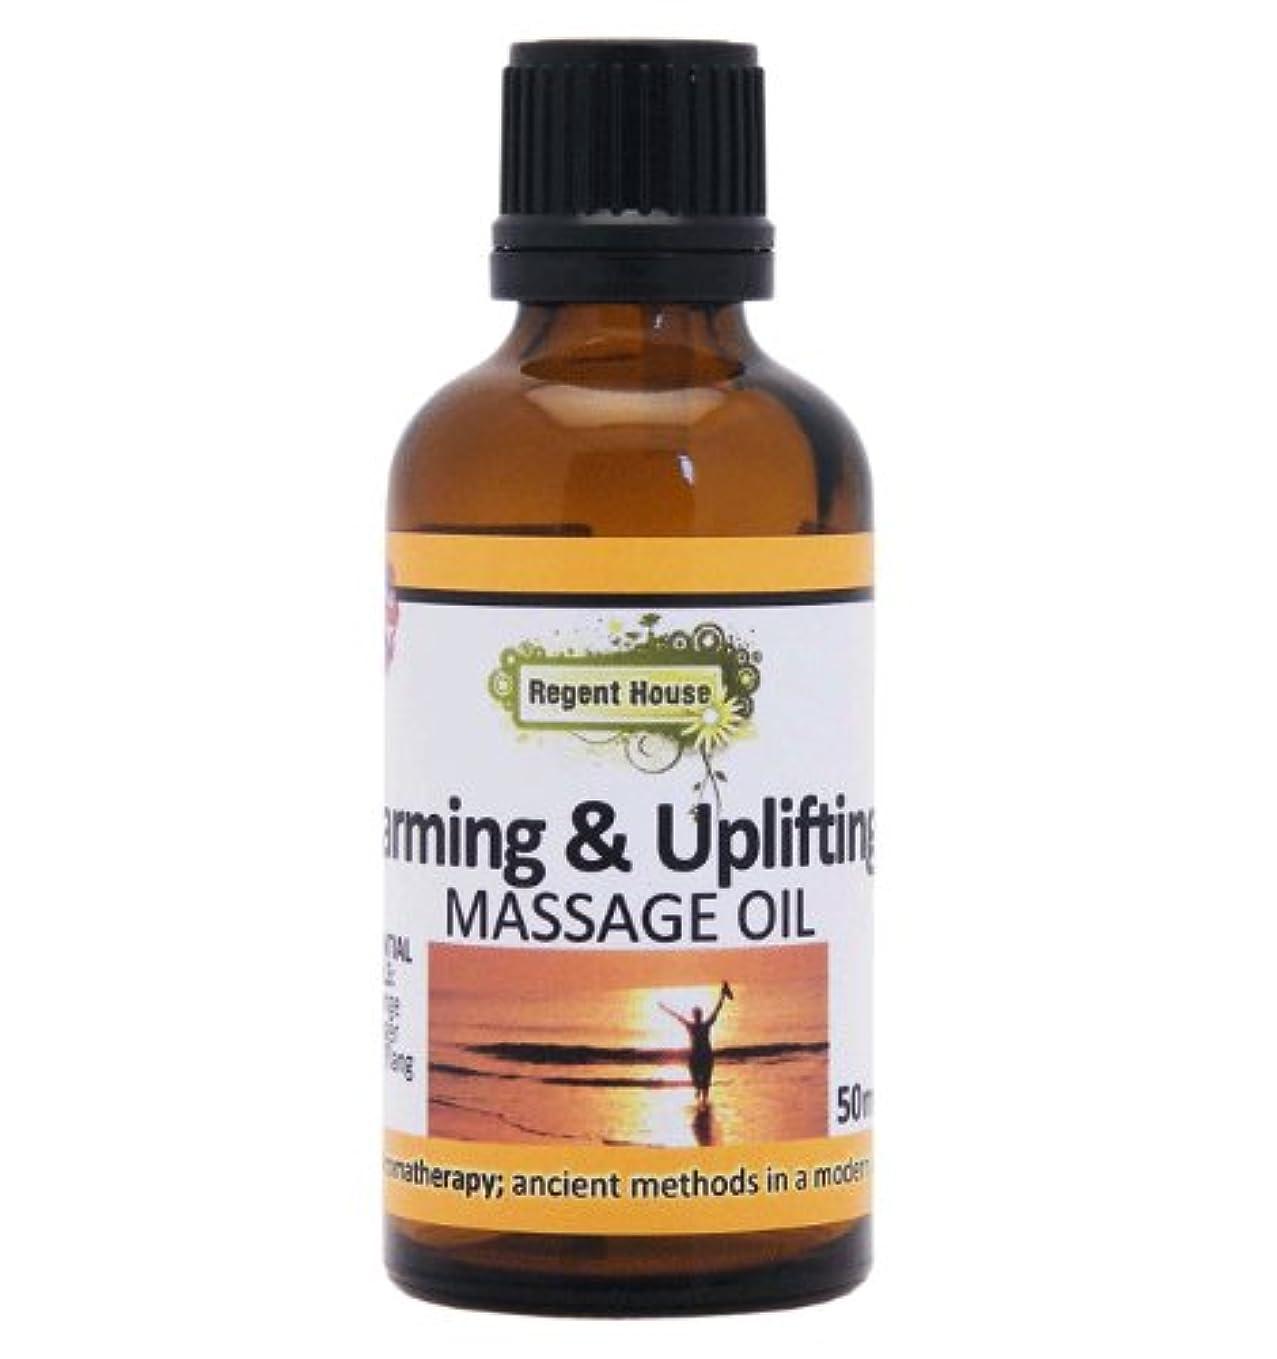 行進エイリアン春イタリア産の天然オレンジ精油を、たっぷり配合。 アロマ ナチュラル マッサージオイル 50ml ウォーミング&アップリフティング(Aroma Massage Oil Warming & Uplifting)